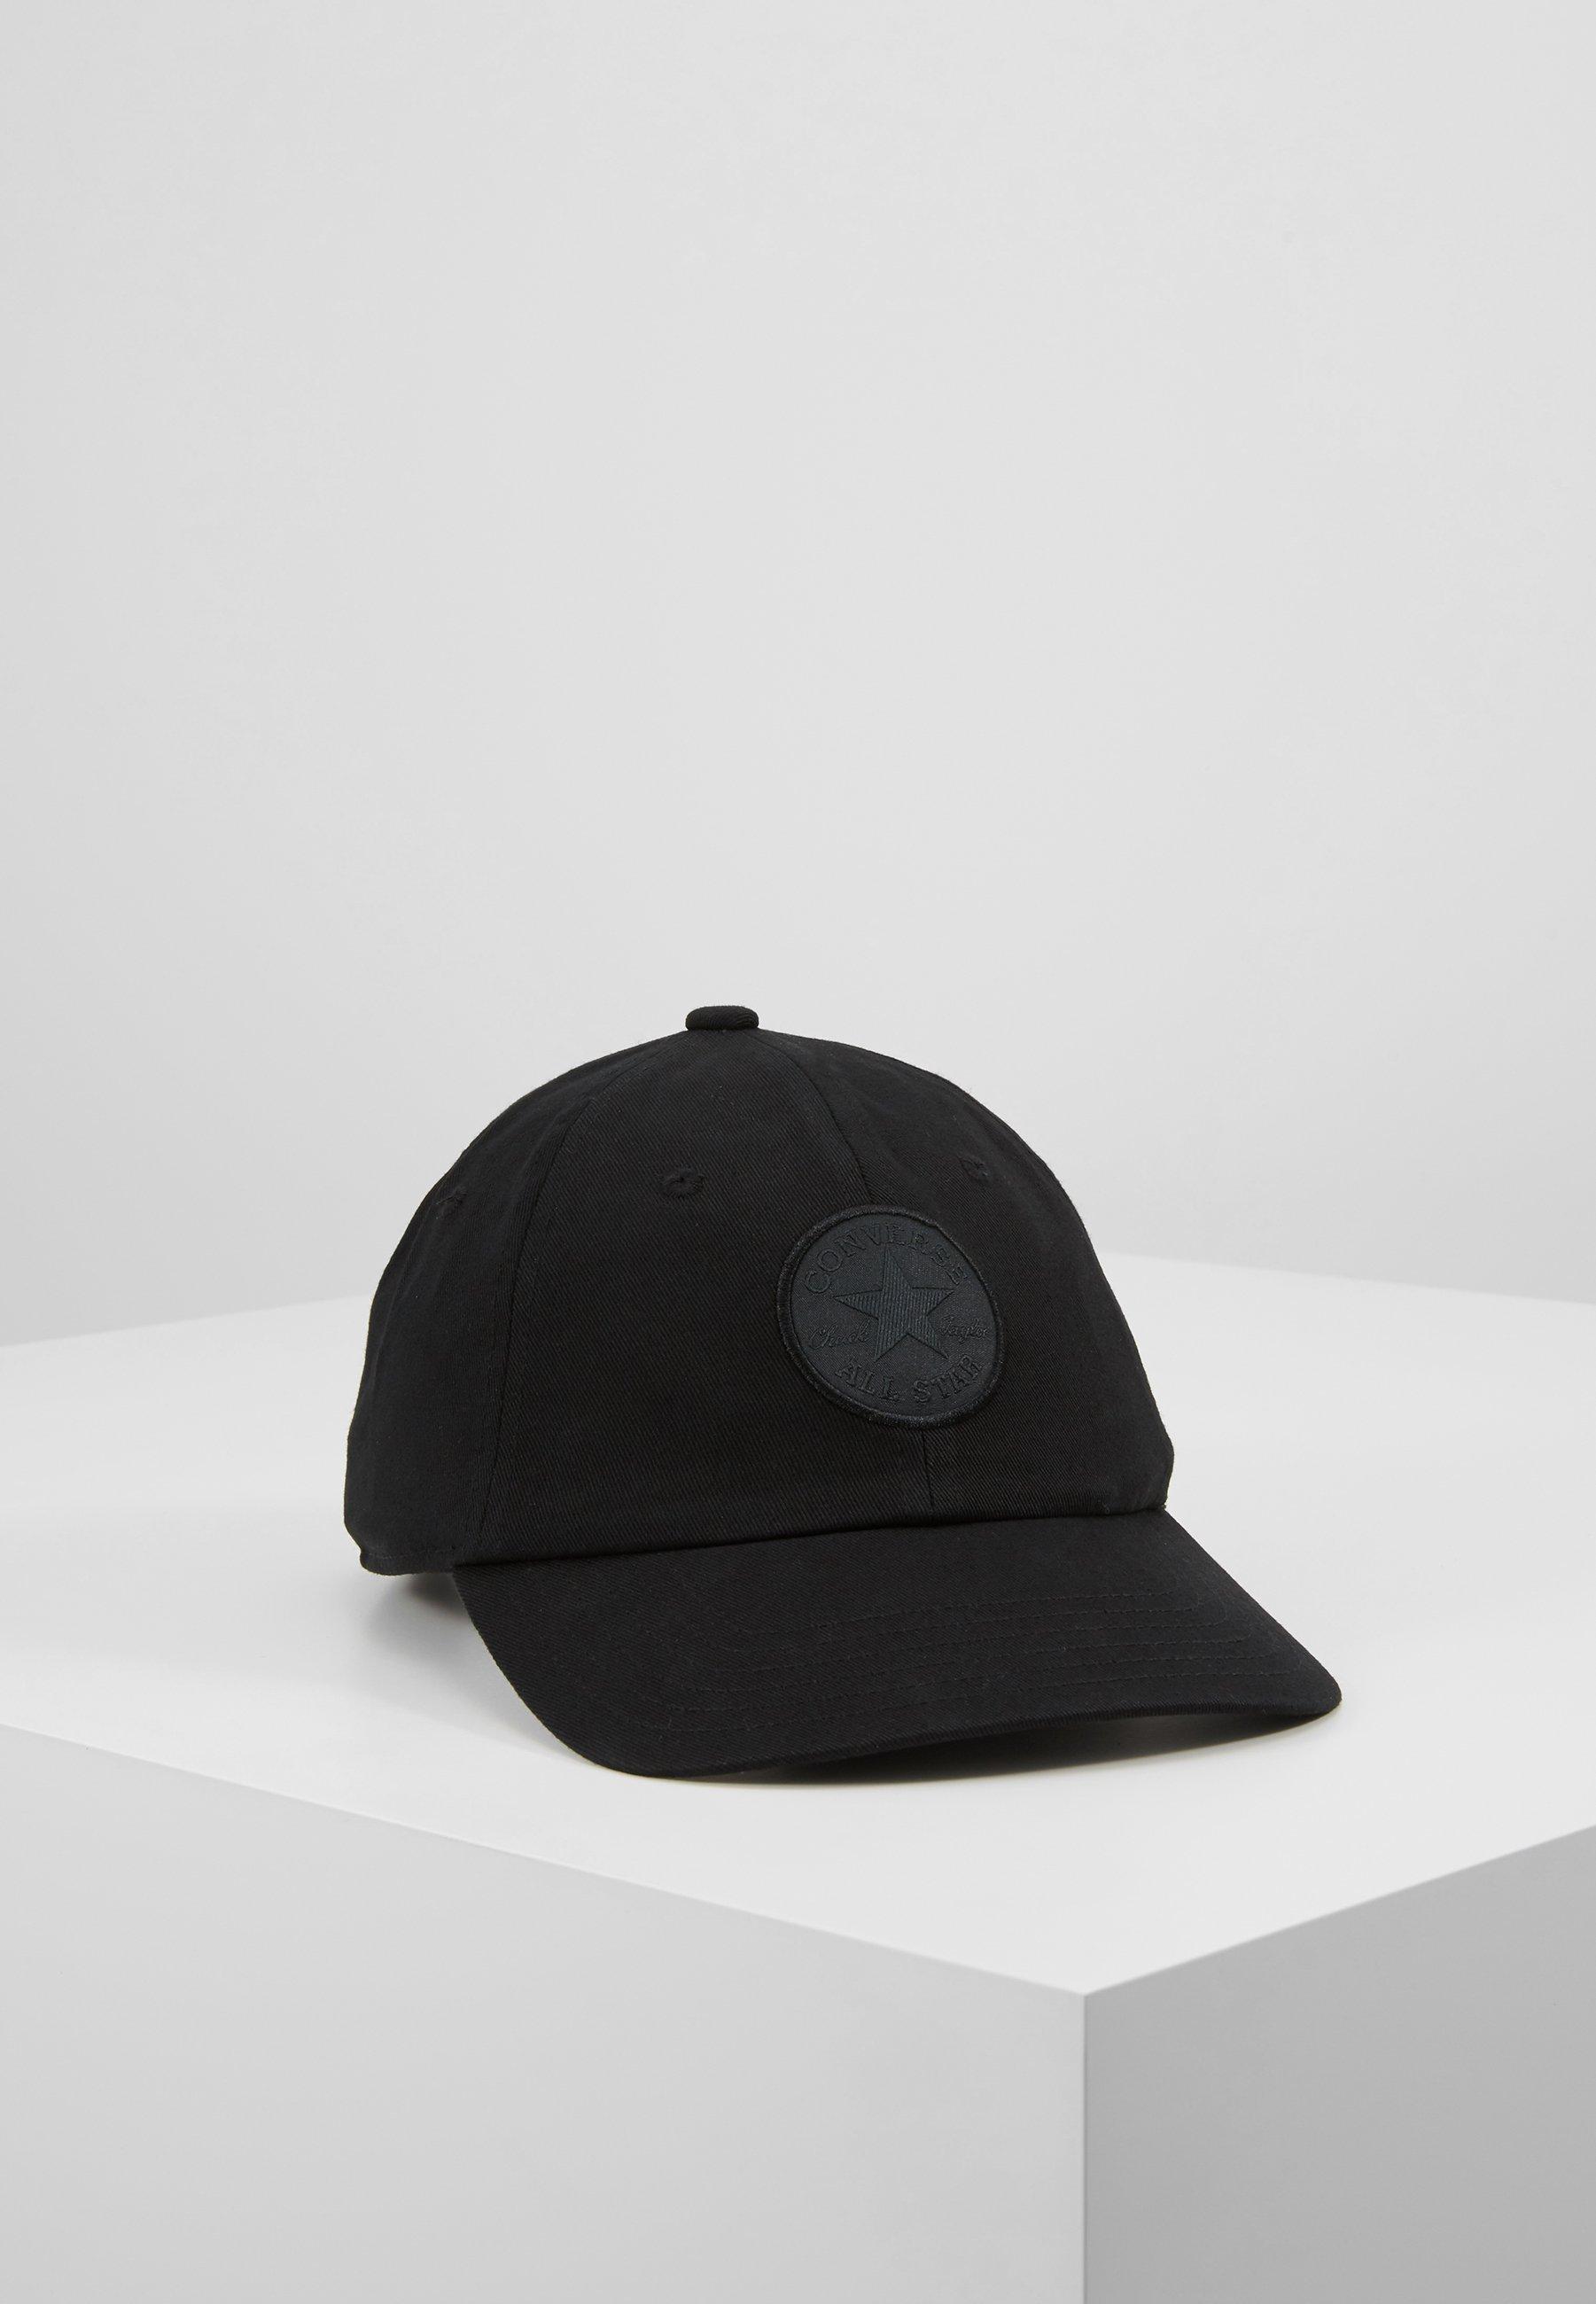 casquette converse grise